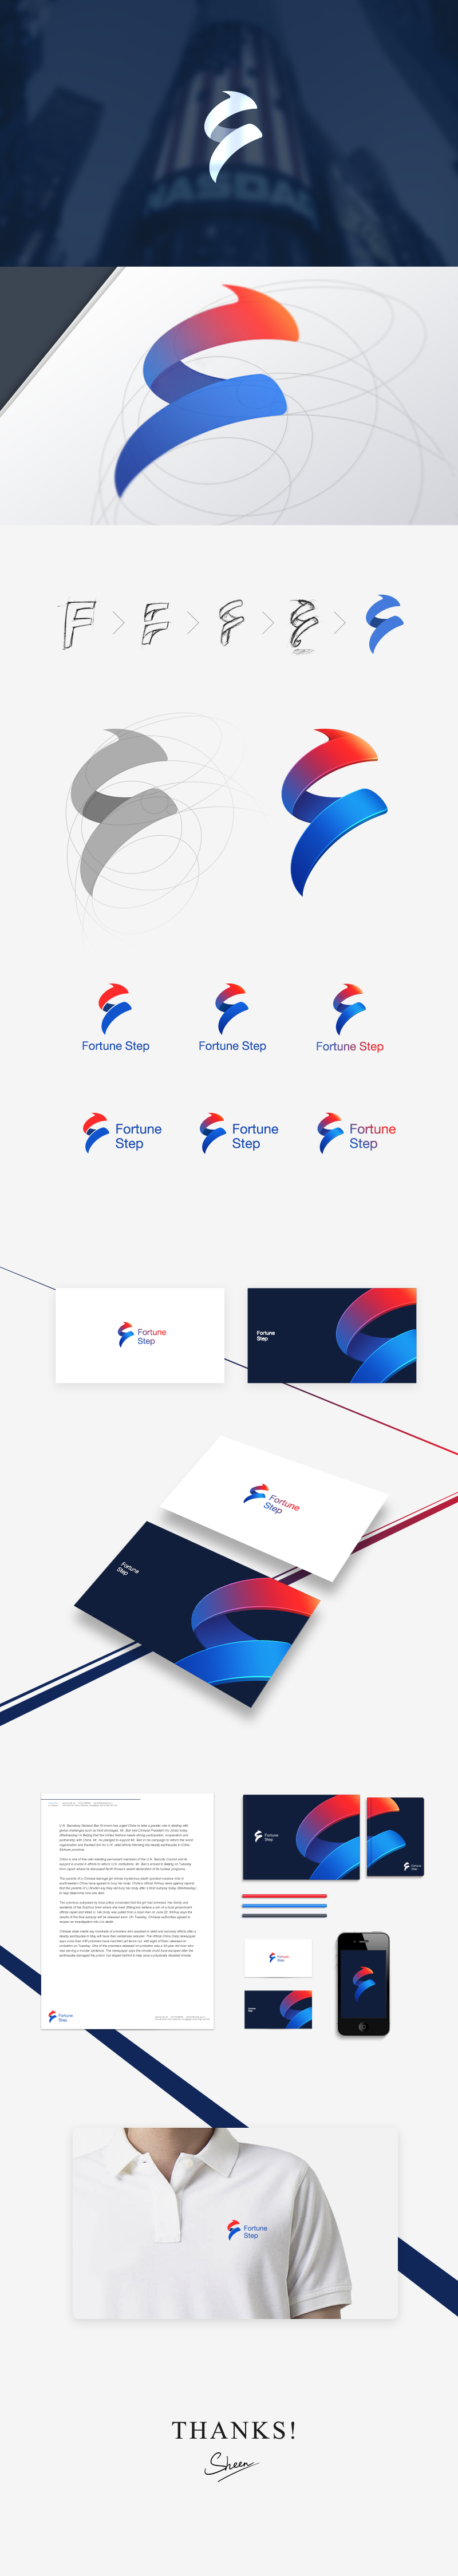 Guia cuaderno proyecto diseño